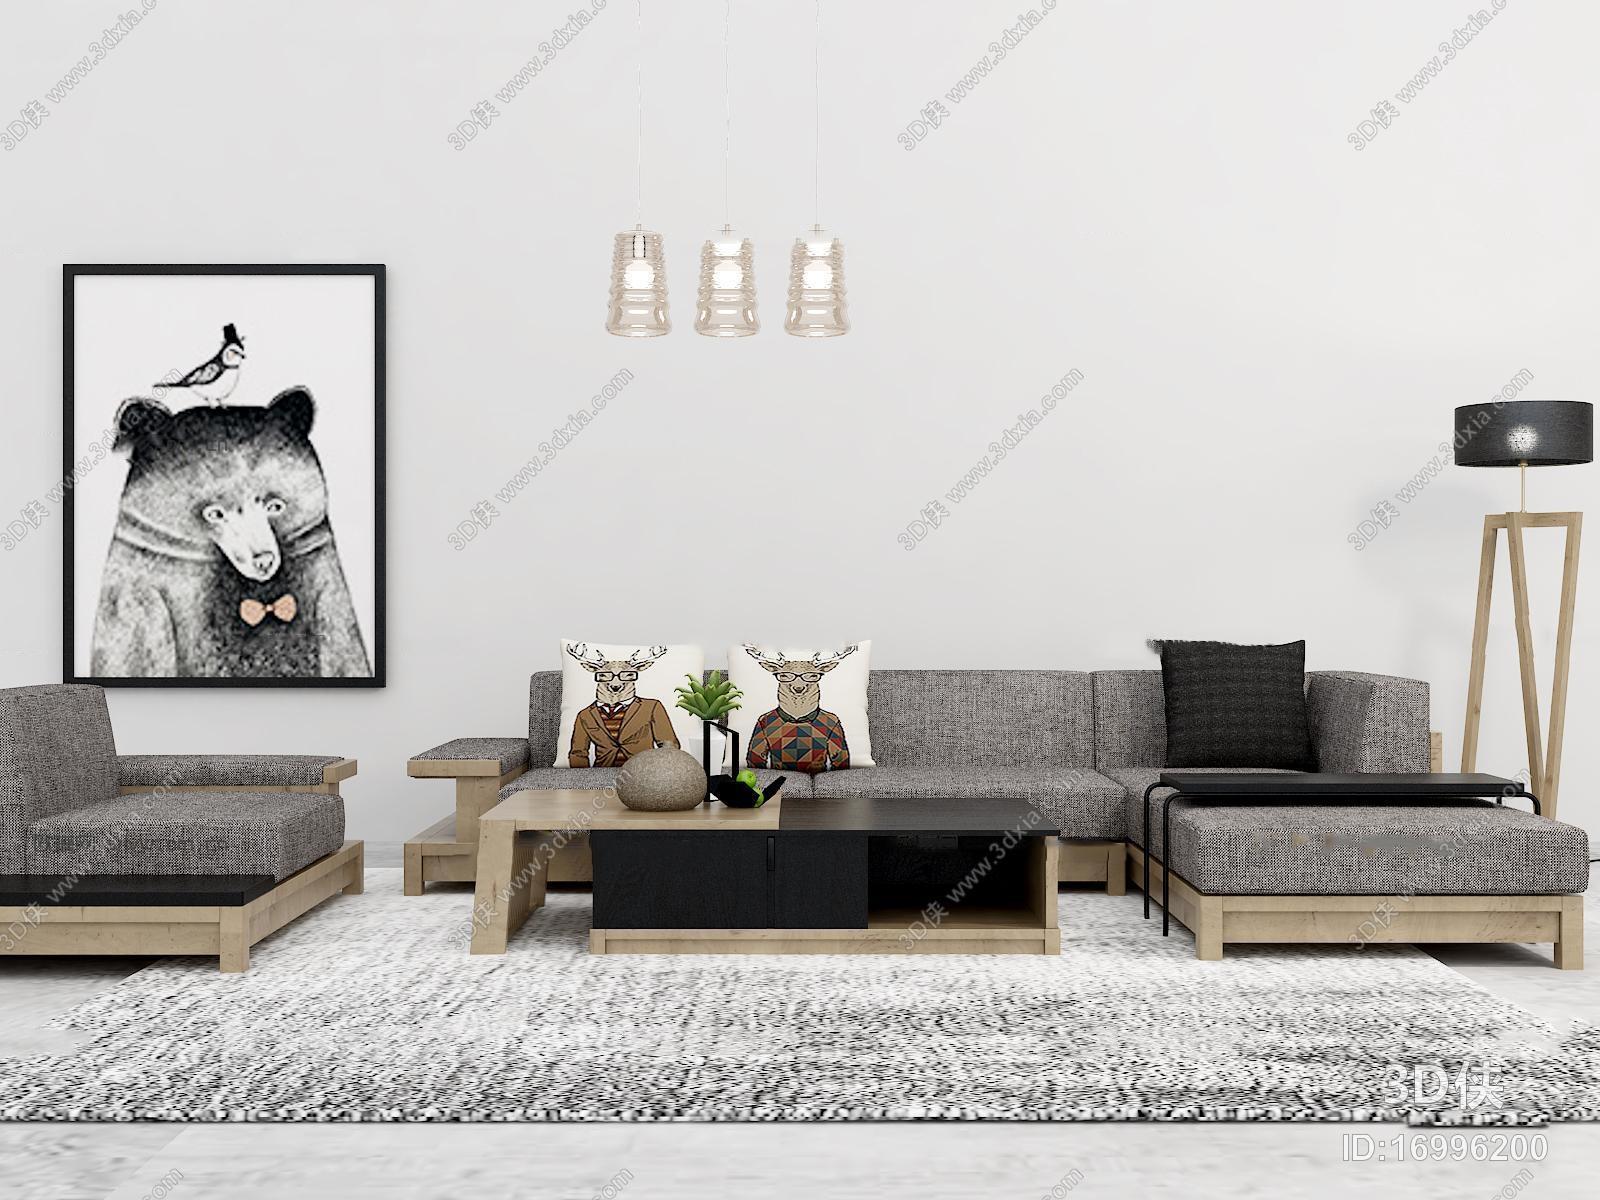 北欧多人转角沙发吊灯装饰画组合3d模型【id:16996200